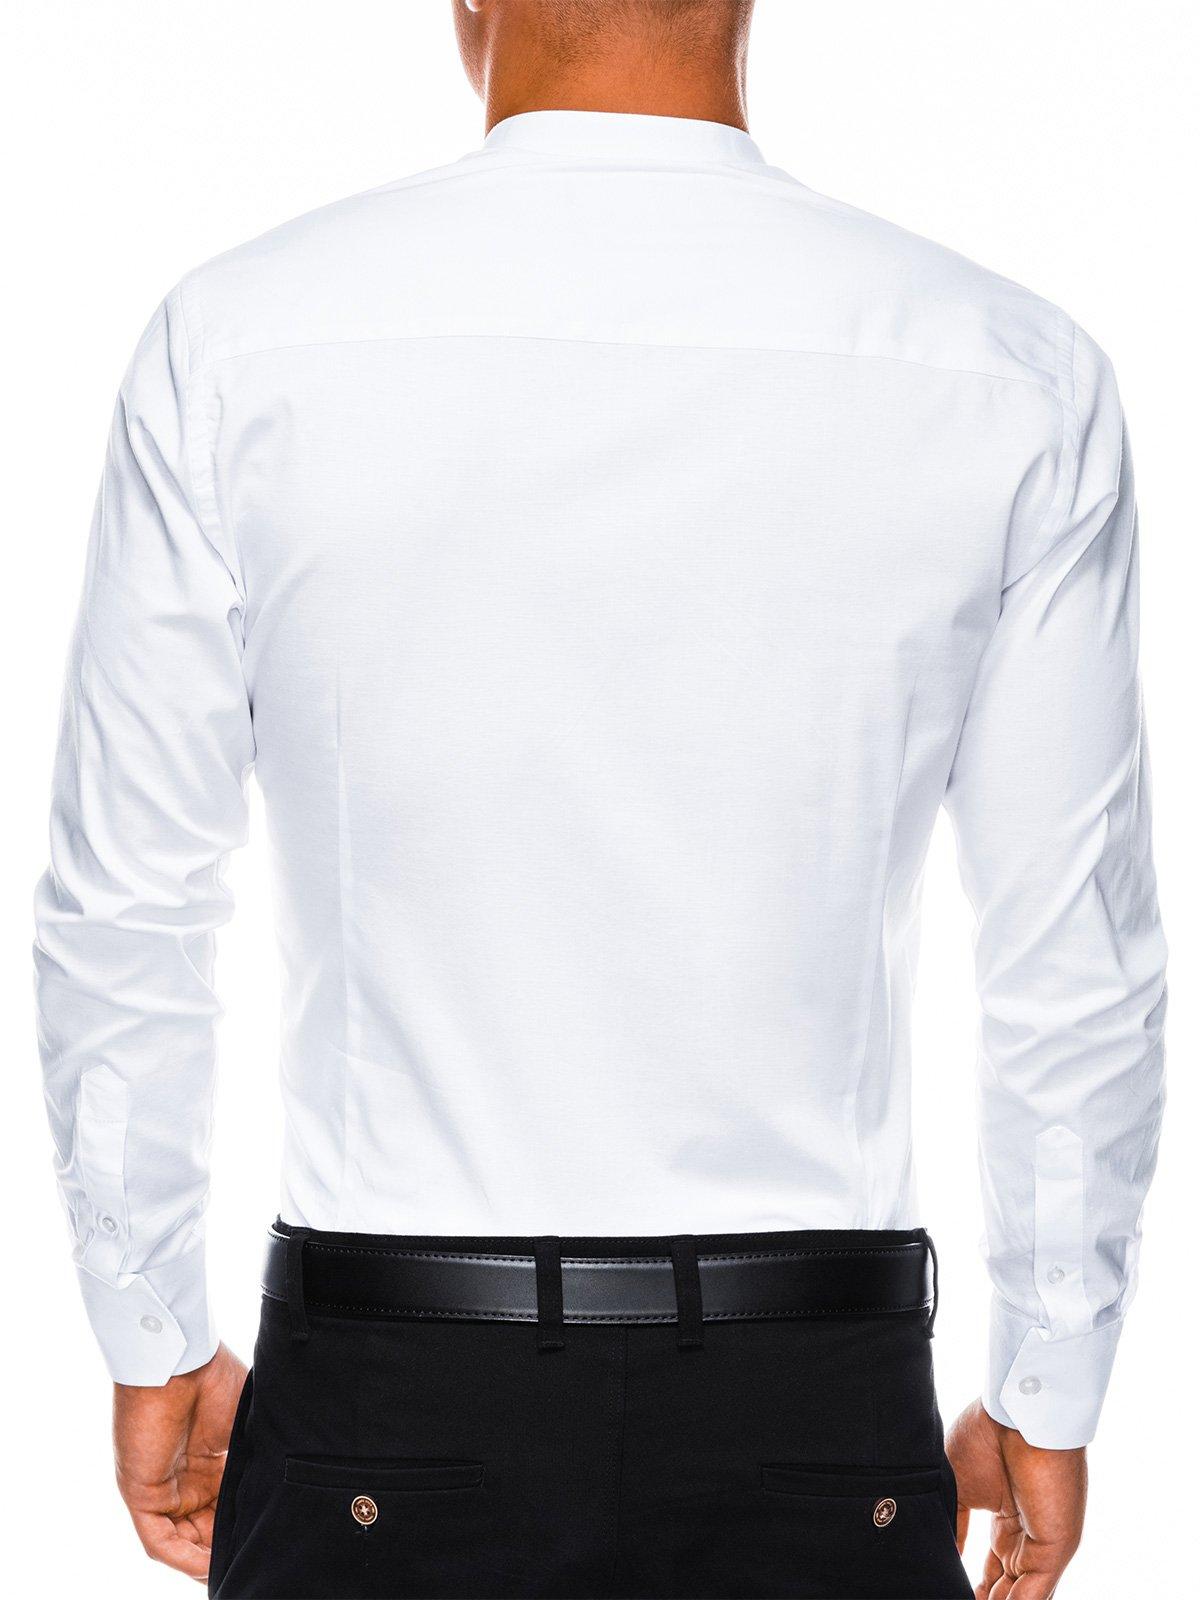 b93512b1b59302 Сорочка чоловіча елегантна з довгим рукавом K307 - біла білий ...